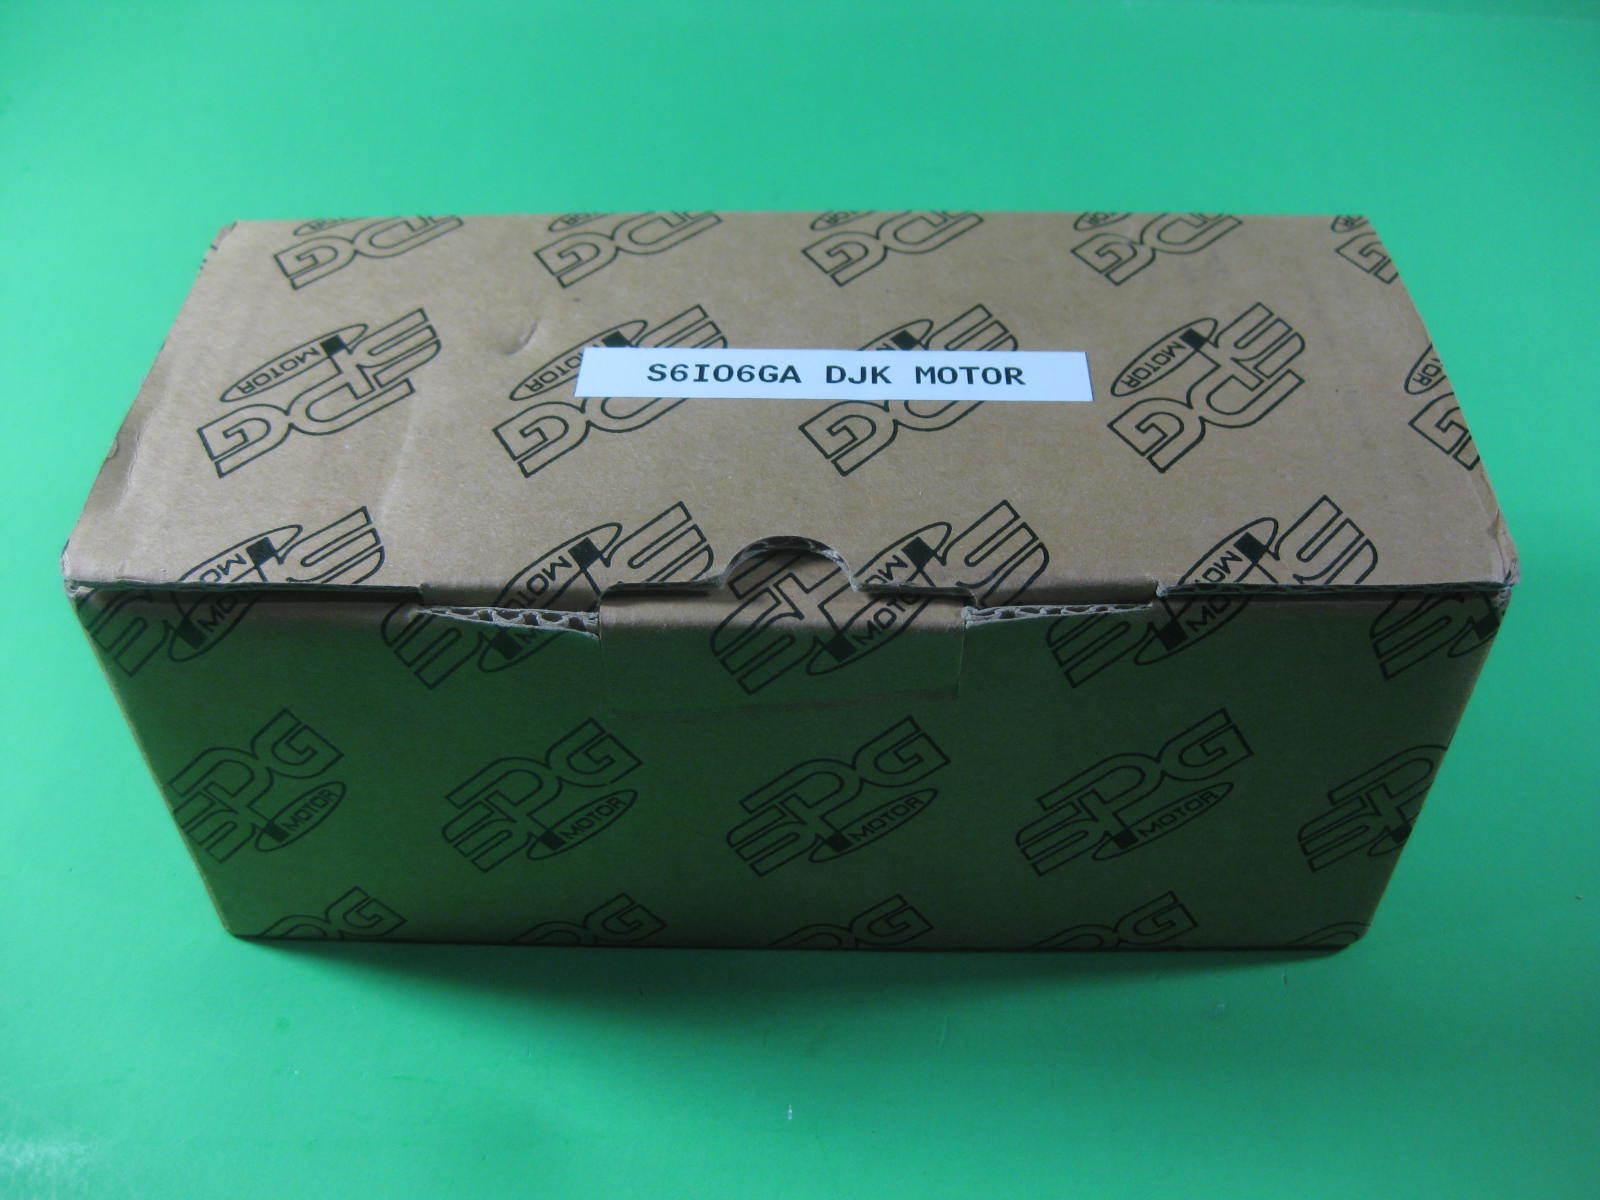 SPG Induction Motor S6I06GA Used